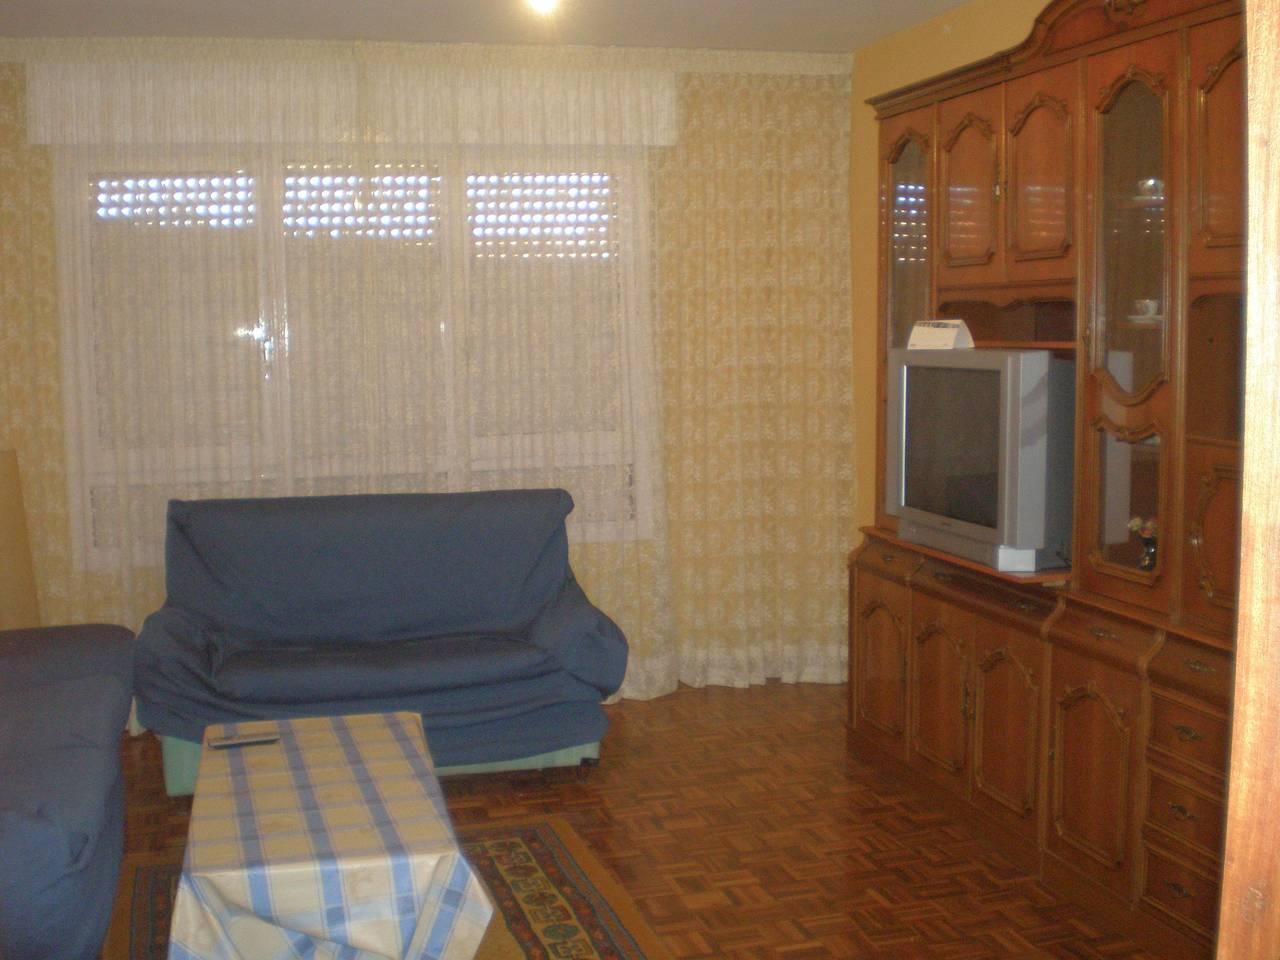 en soria se alquilan una habitacion en piso compartido  - Foto 27